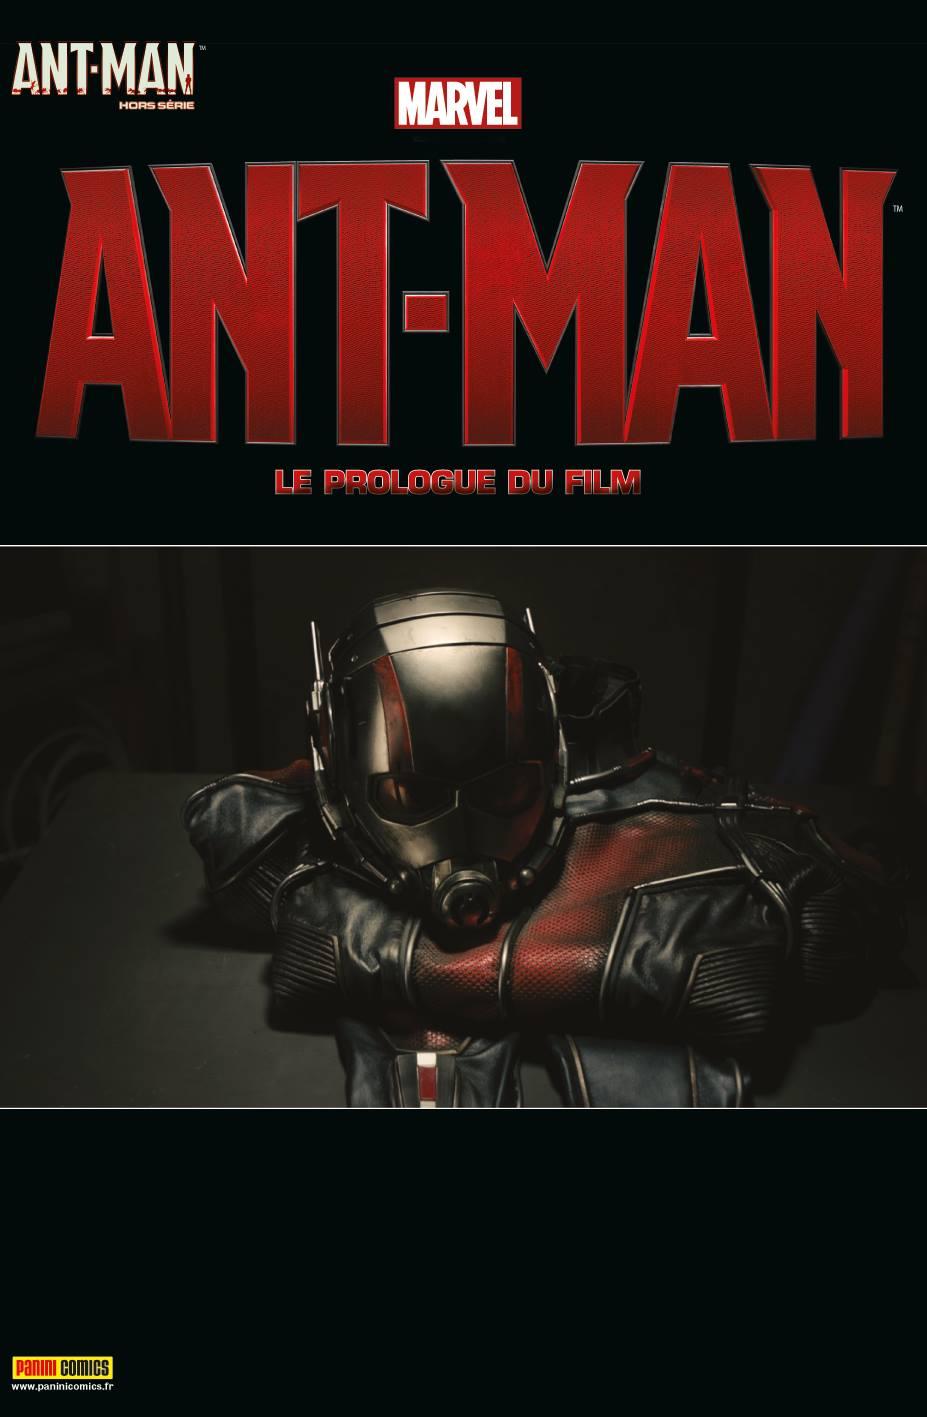 ANT-MAN HORS SÉRIE 1 : LE PROLOGUE DU FILM